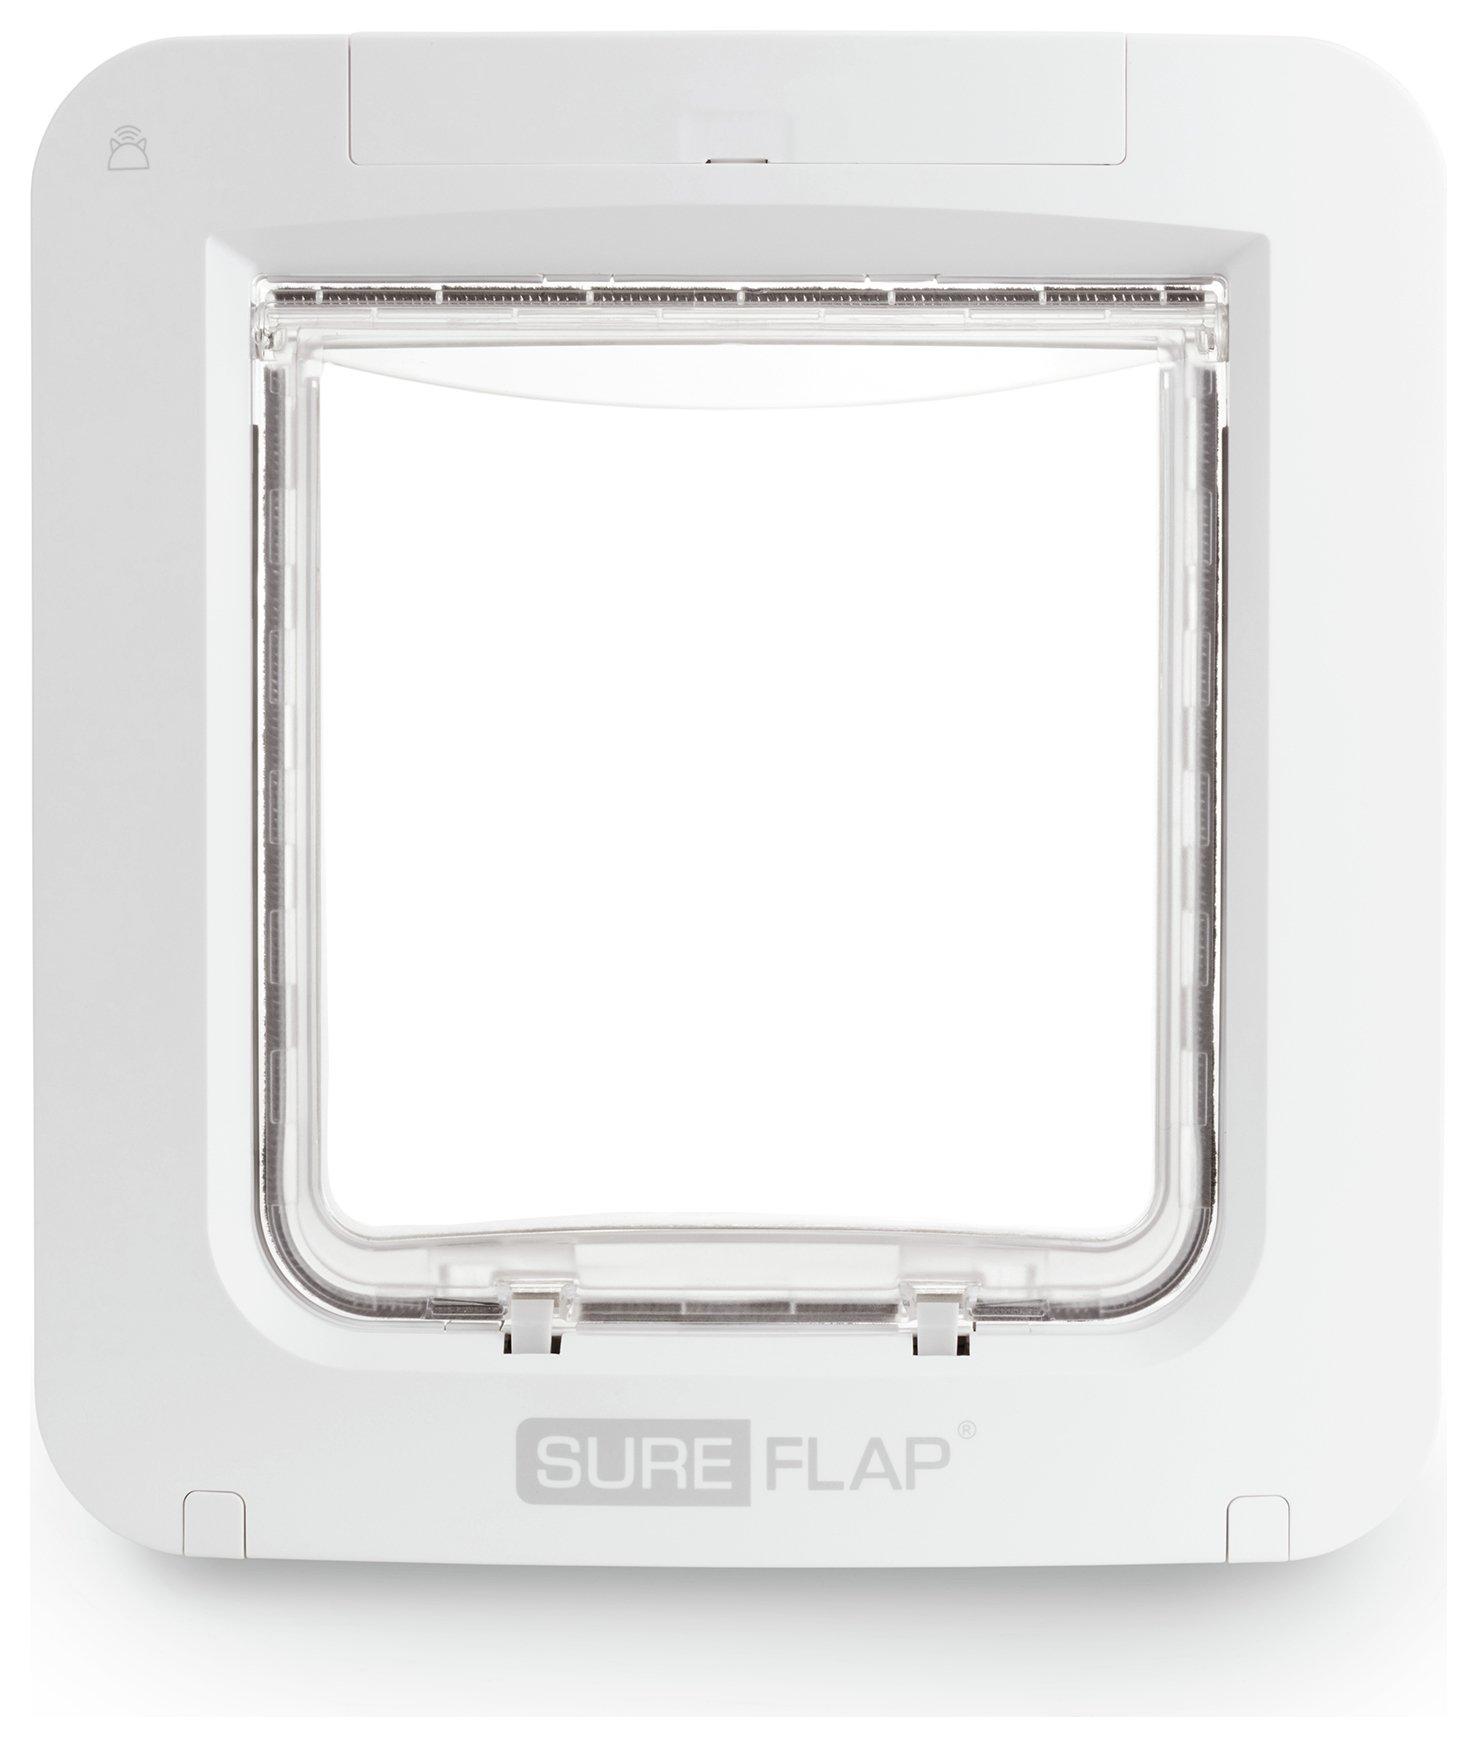 sure-flap-microchip-pet-door-connect